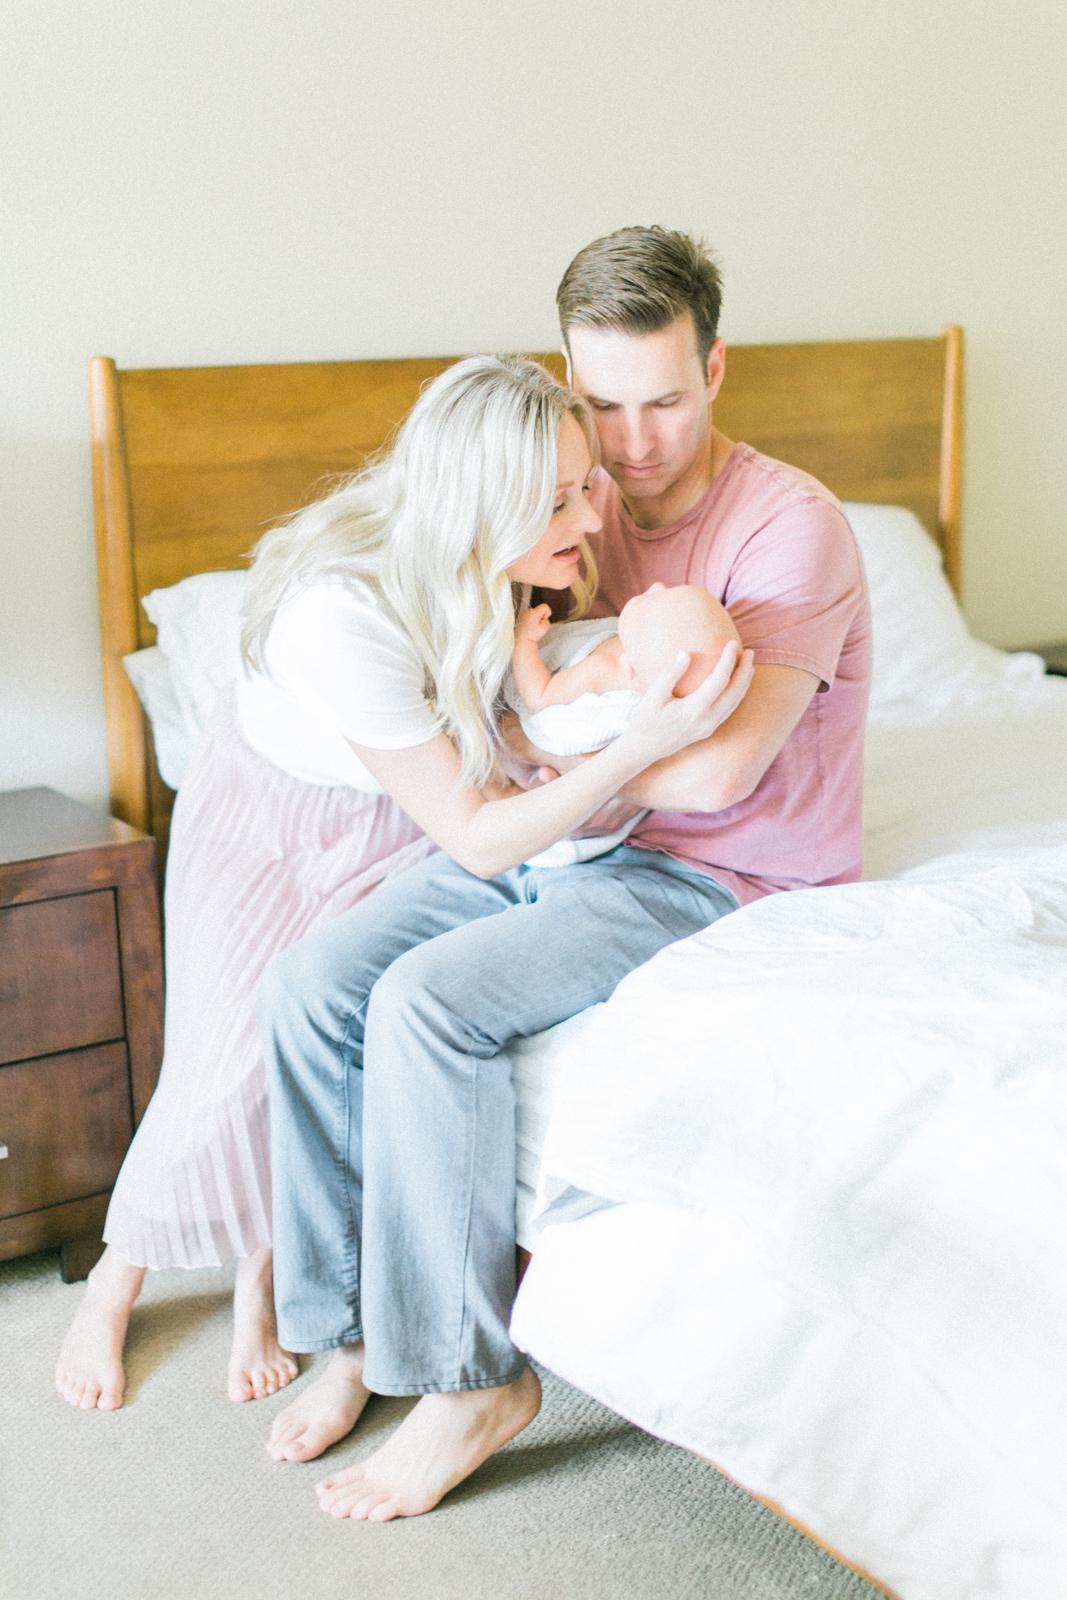 boise-newborn-photographer--15.jpg